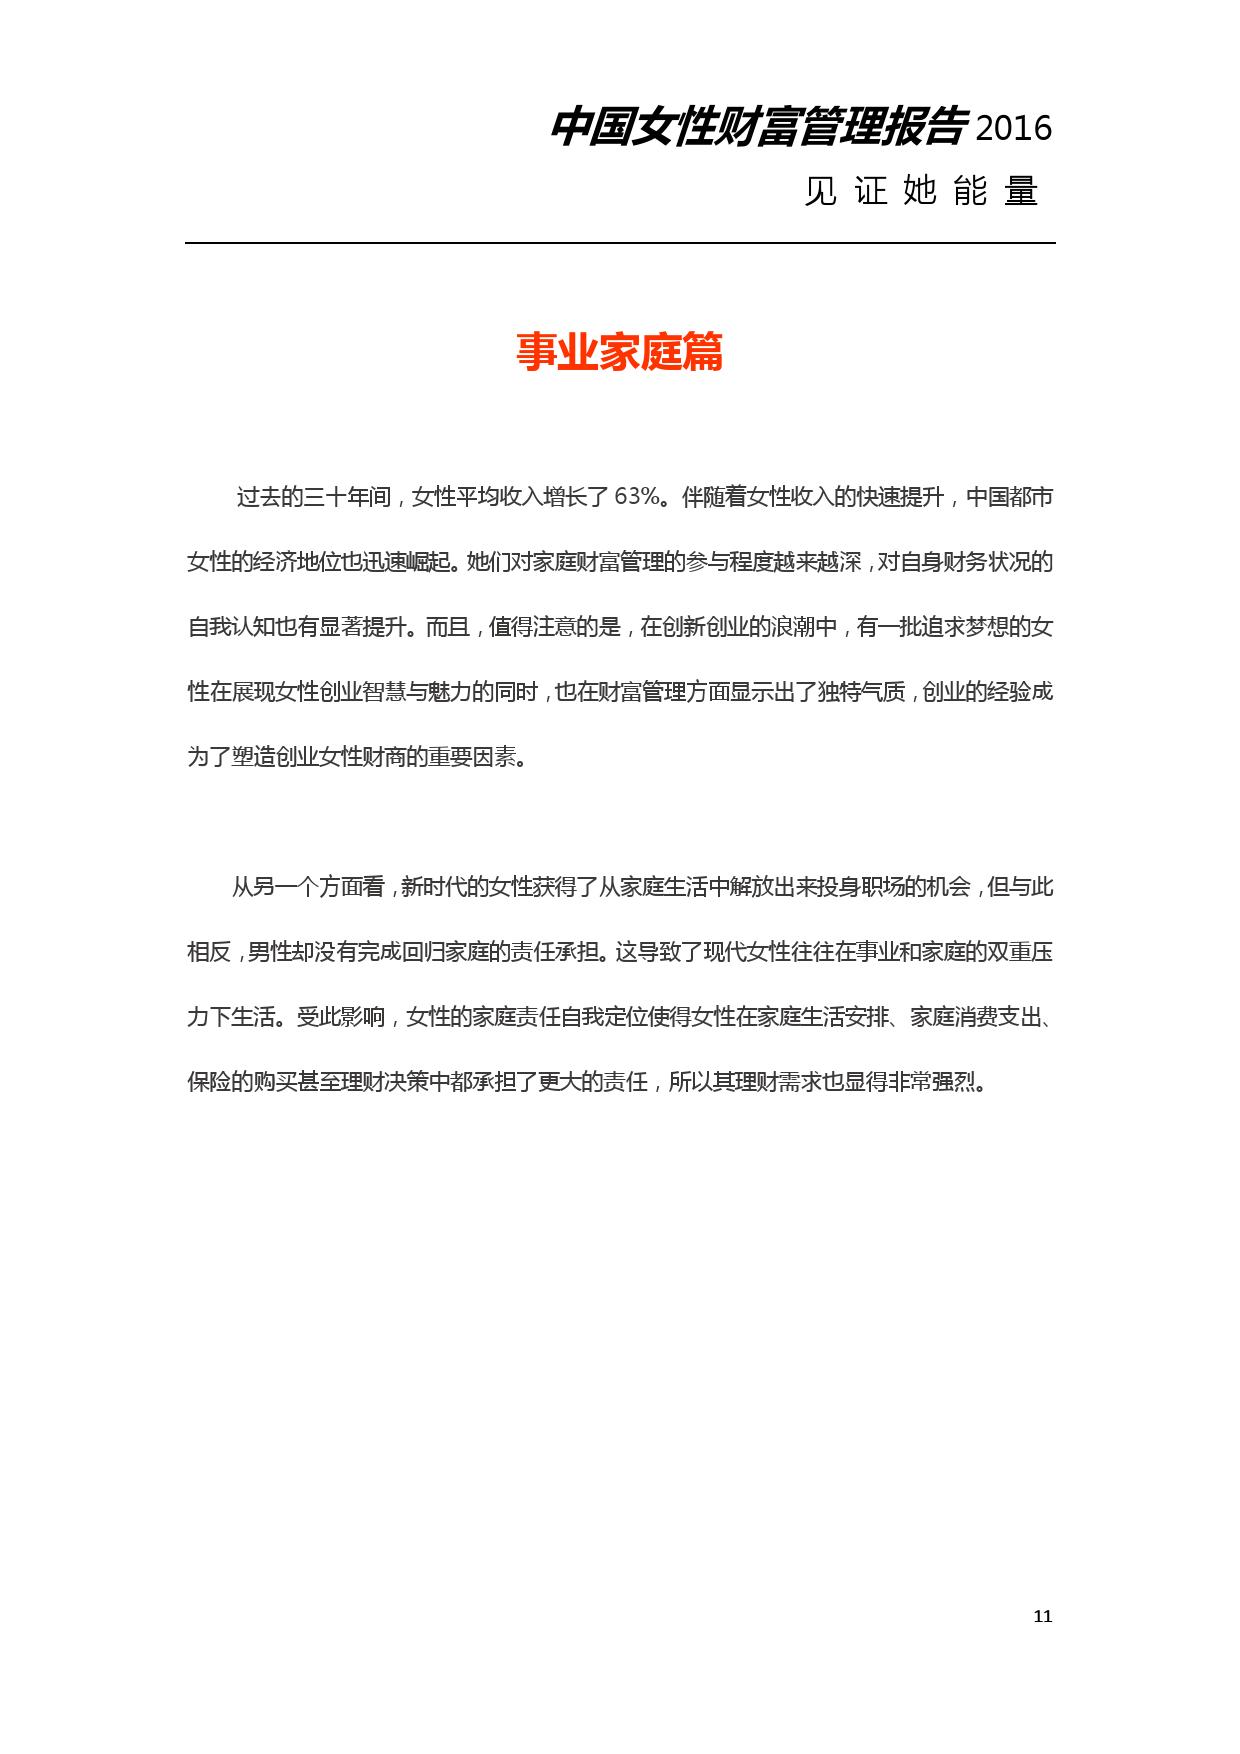 2016年中国女性财富管理报告_000011